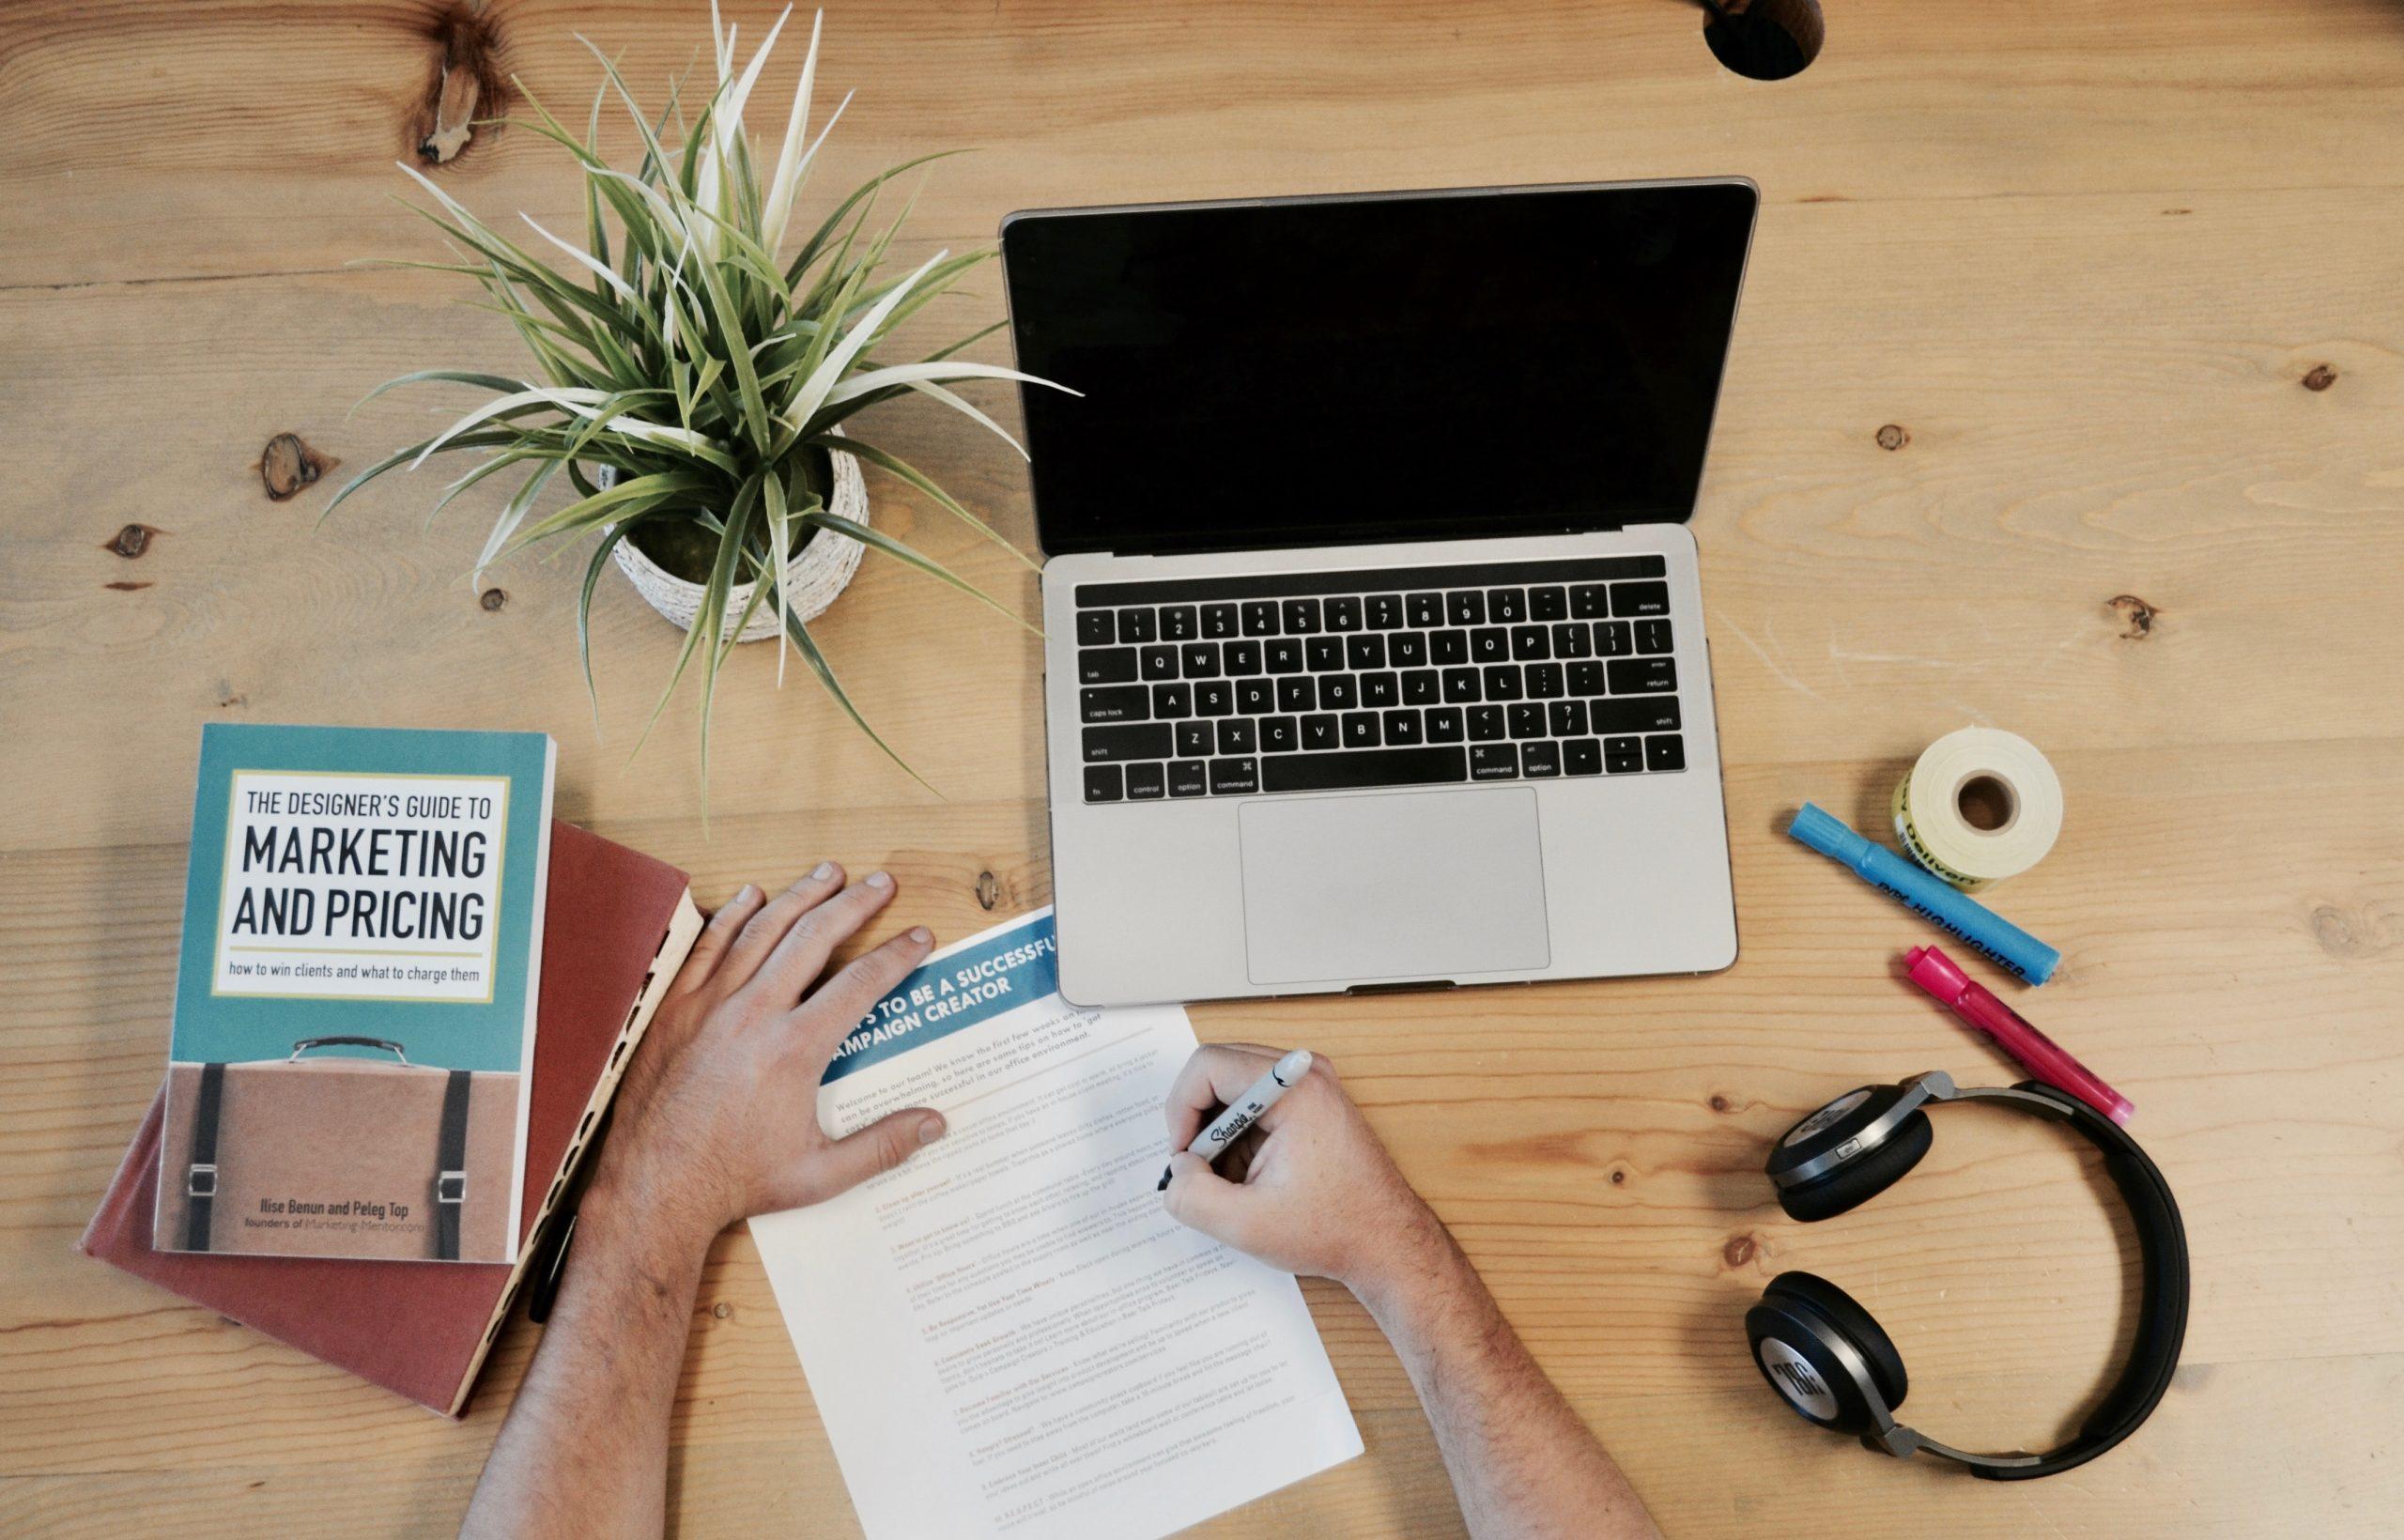 自學行銷後,我看見的職涯機會?3個原因為何行銷人更有能力生存